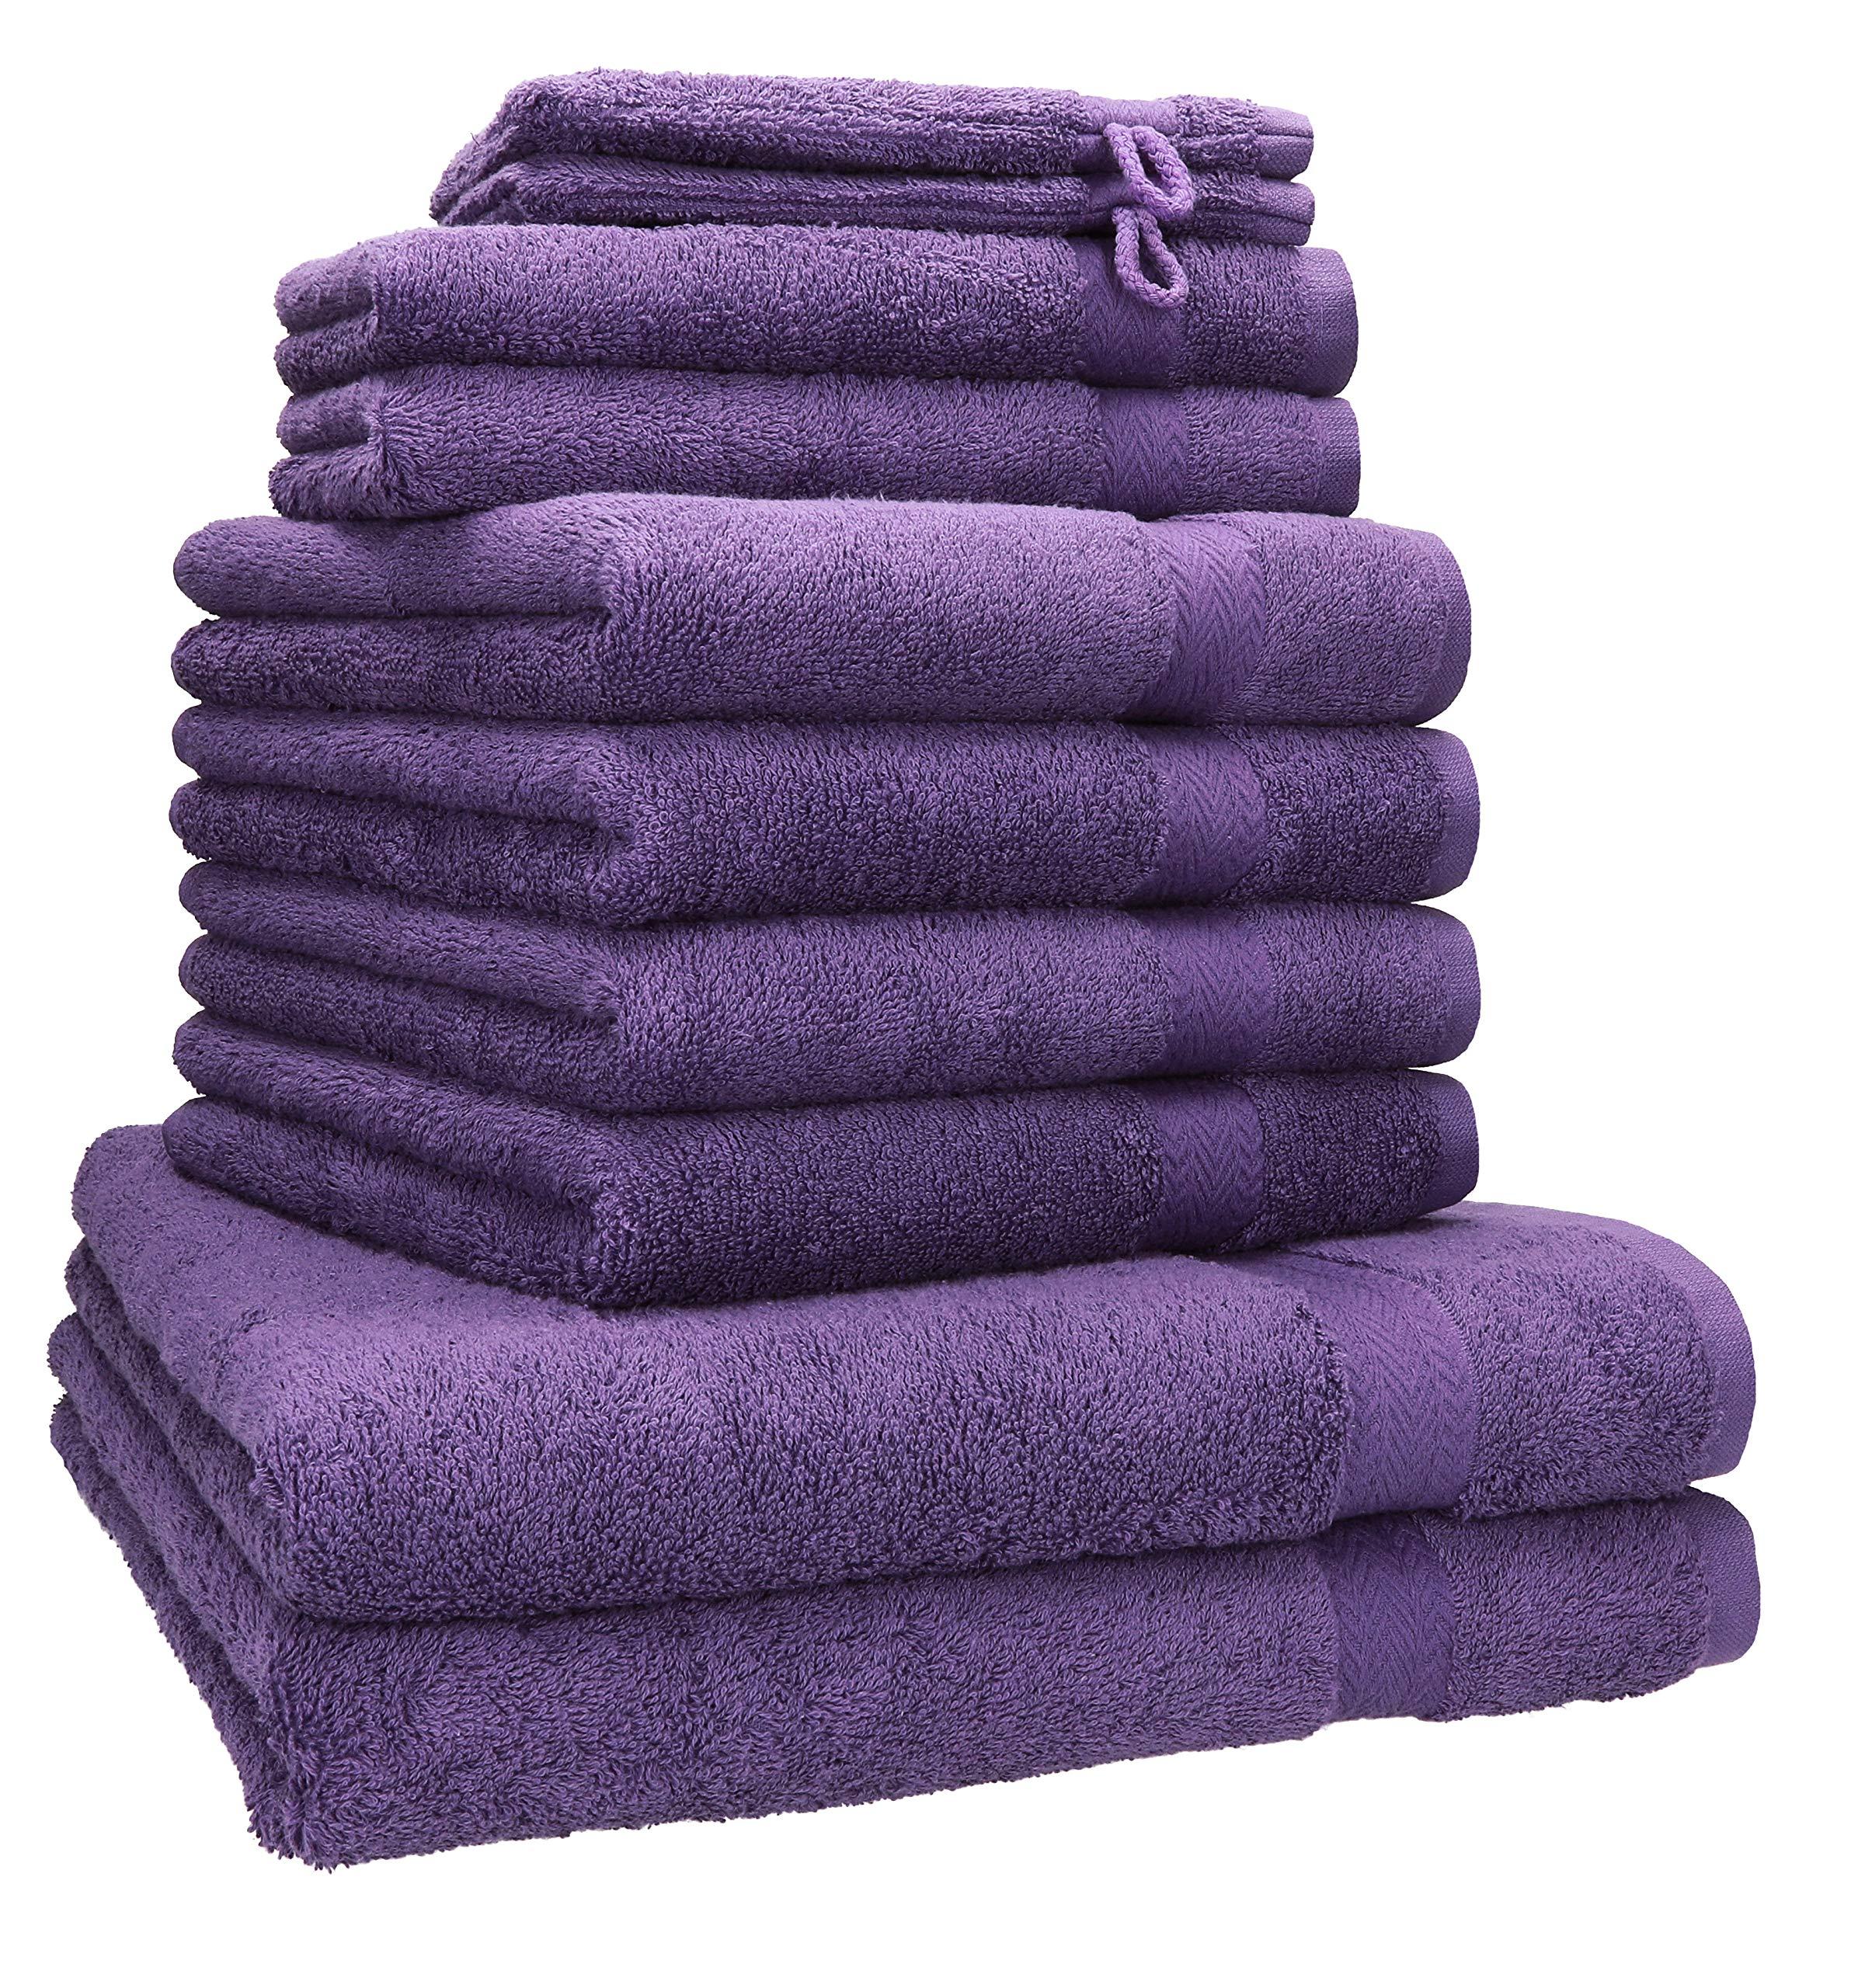 Betz Juego de 10 Piezas de Toallas Premium 100% algodón 2 Toallas de baño 4 Toallas de Mano 2 Toallas Invitados 2 Manoplas de baño Color Morado: Amazon.es: Hogar